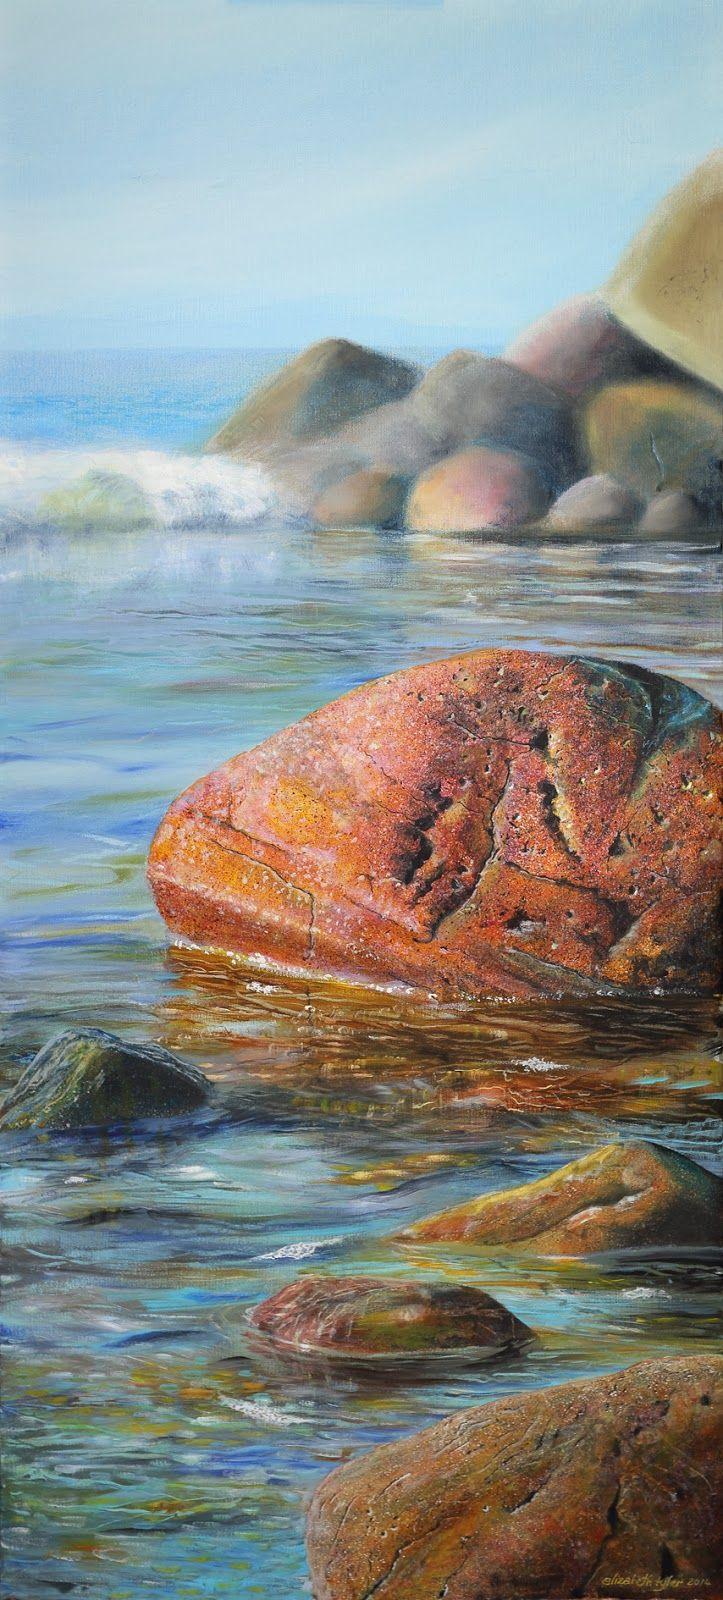 Watercolor artist magazine palm coast fl - By Watercolor Artist Elizabeth Tyler